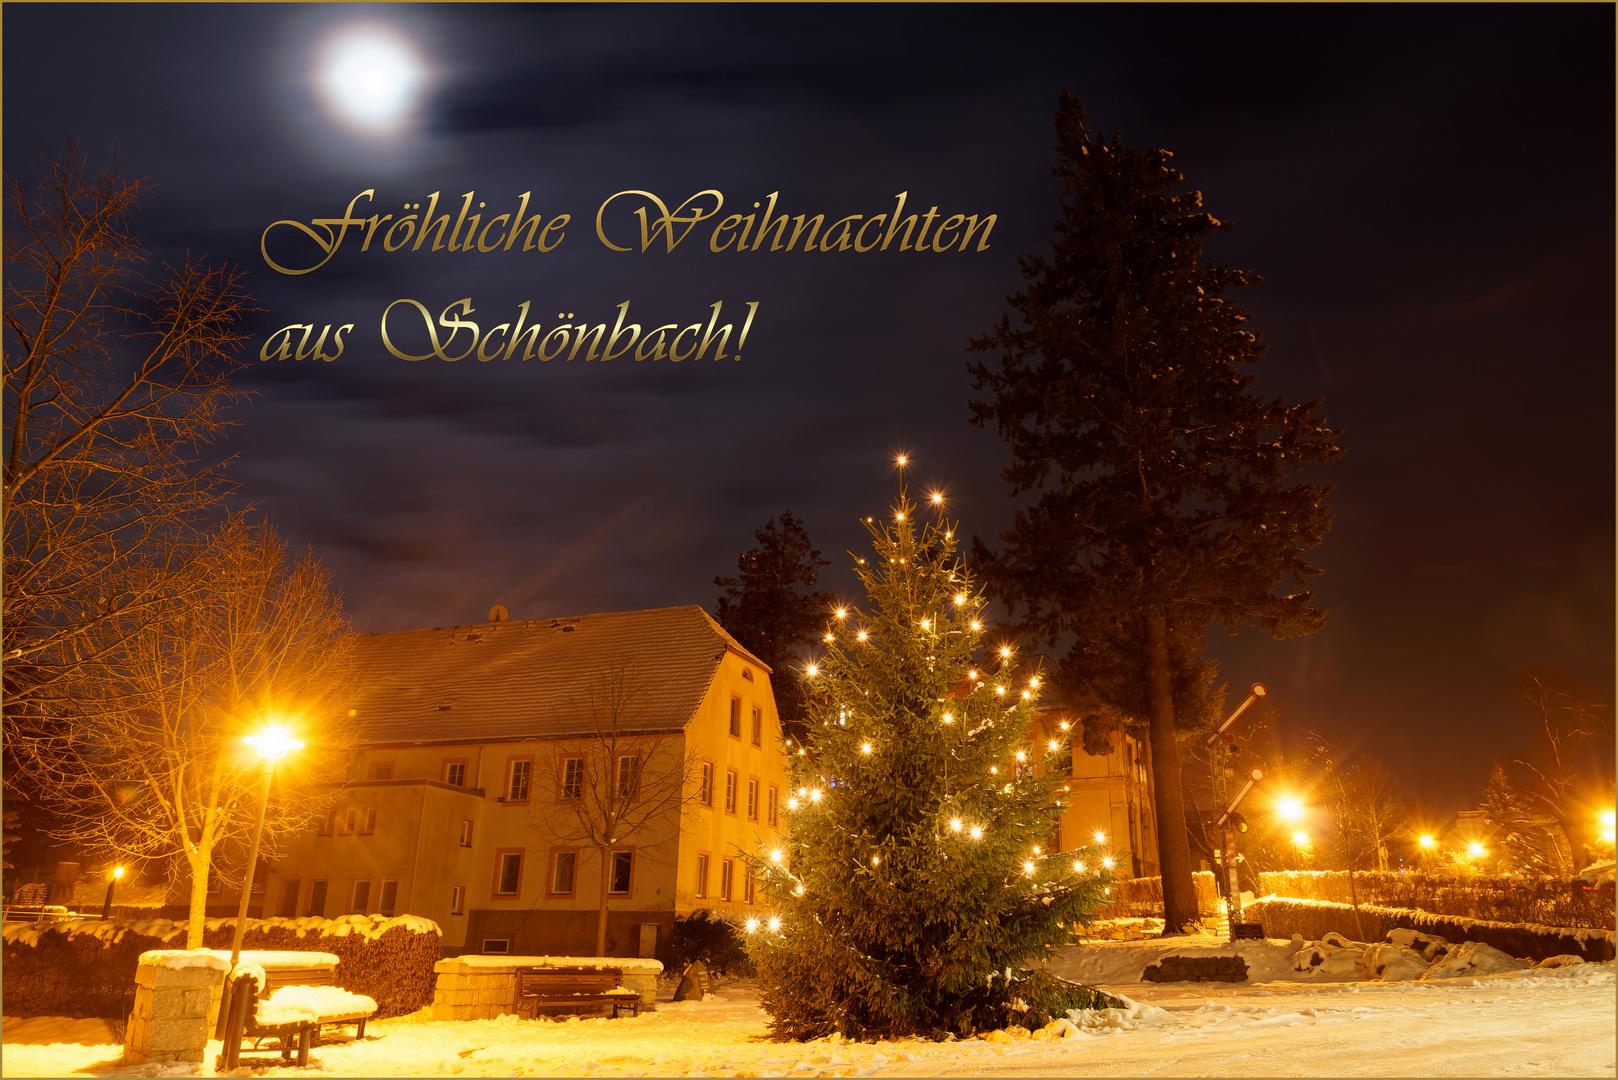 Frohe Weihnachten Aus Deutschland.Frohe Weihnachten 2018 Aus Schonbach Foto Bild Winter